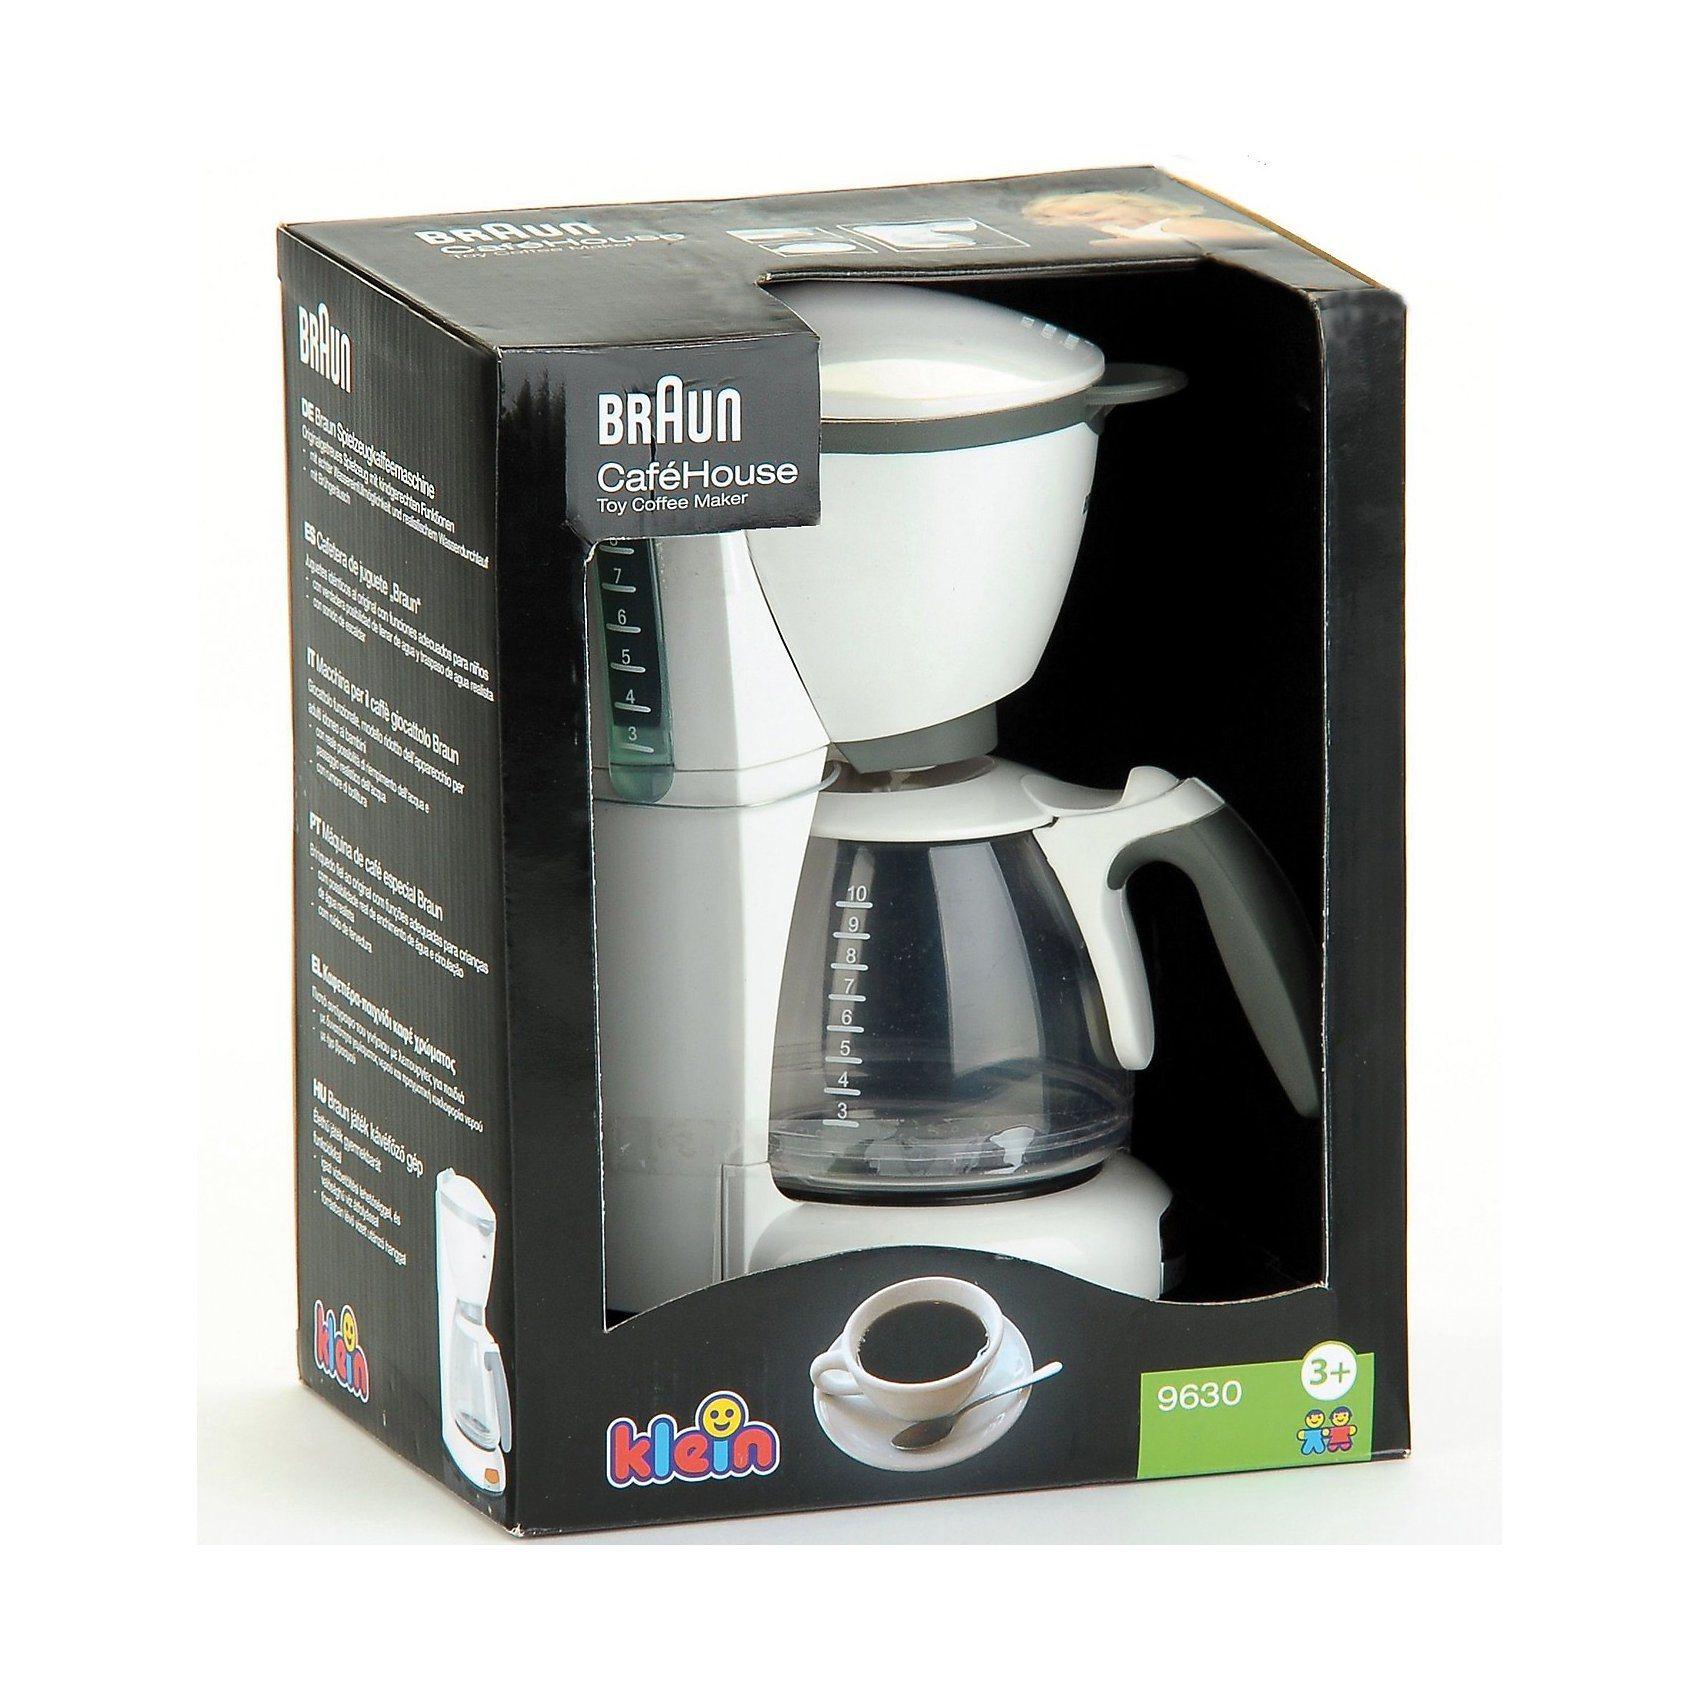 braun kaffeemaschine 3096 preisvergleich die besten angebote online kaufen. Black Bedroom Furniture Sets. Home Design Ideas